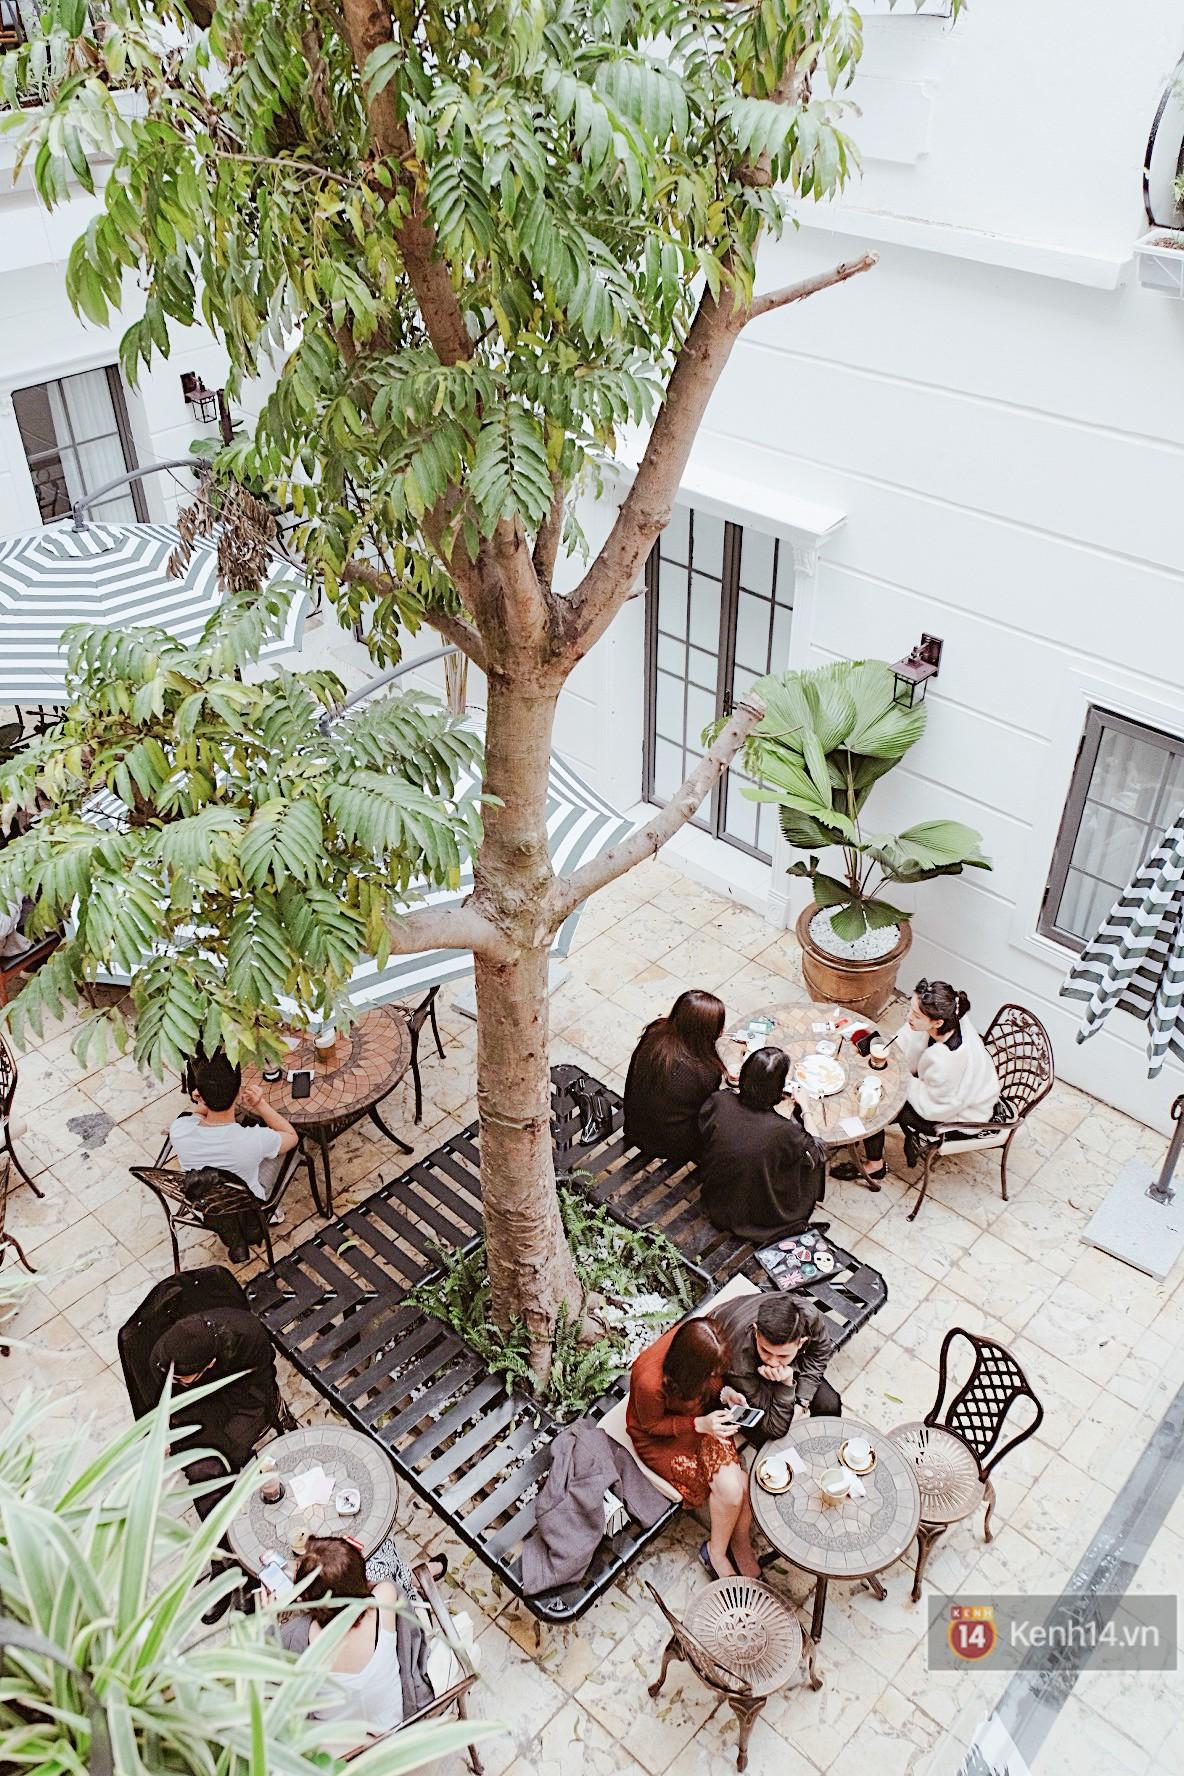 Review nhanh quán cafe rộng 2000m2 đang hot nhất Hà Nội dịp Tết này - Ảnh 11.